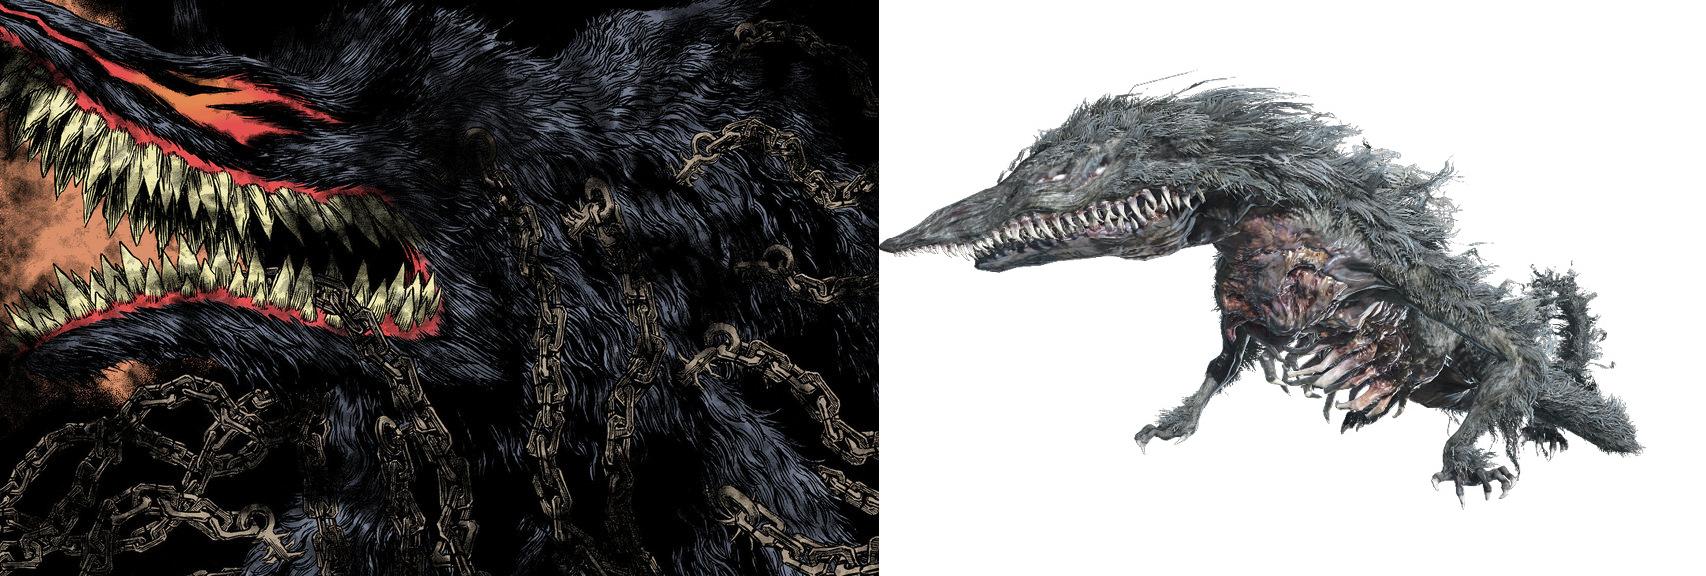 berserk___beast_of_darkness_colouring__by_saurion1-dawpvkl